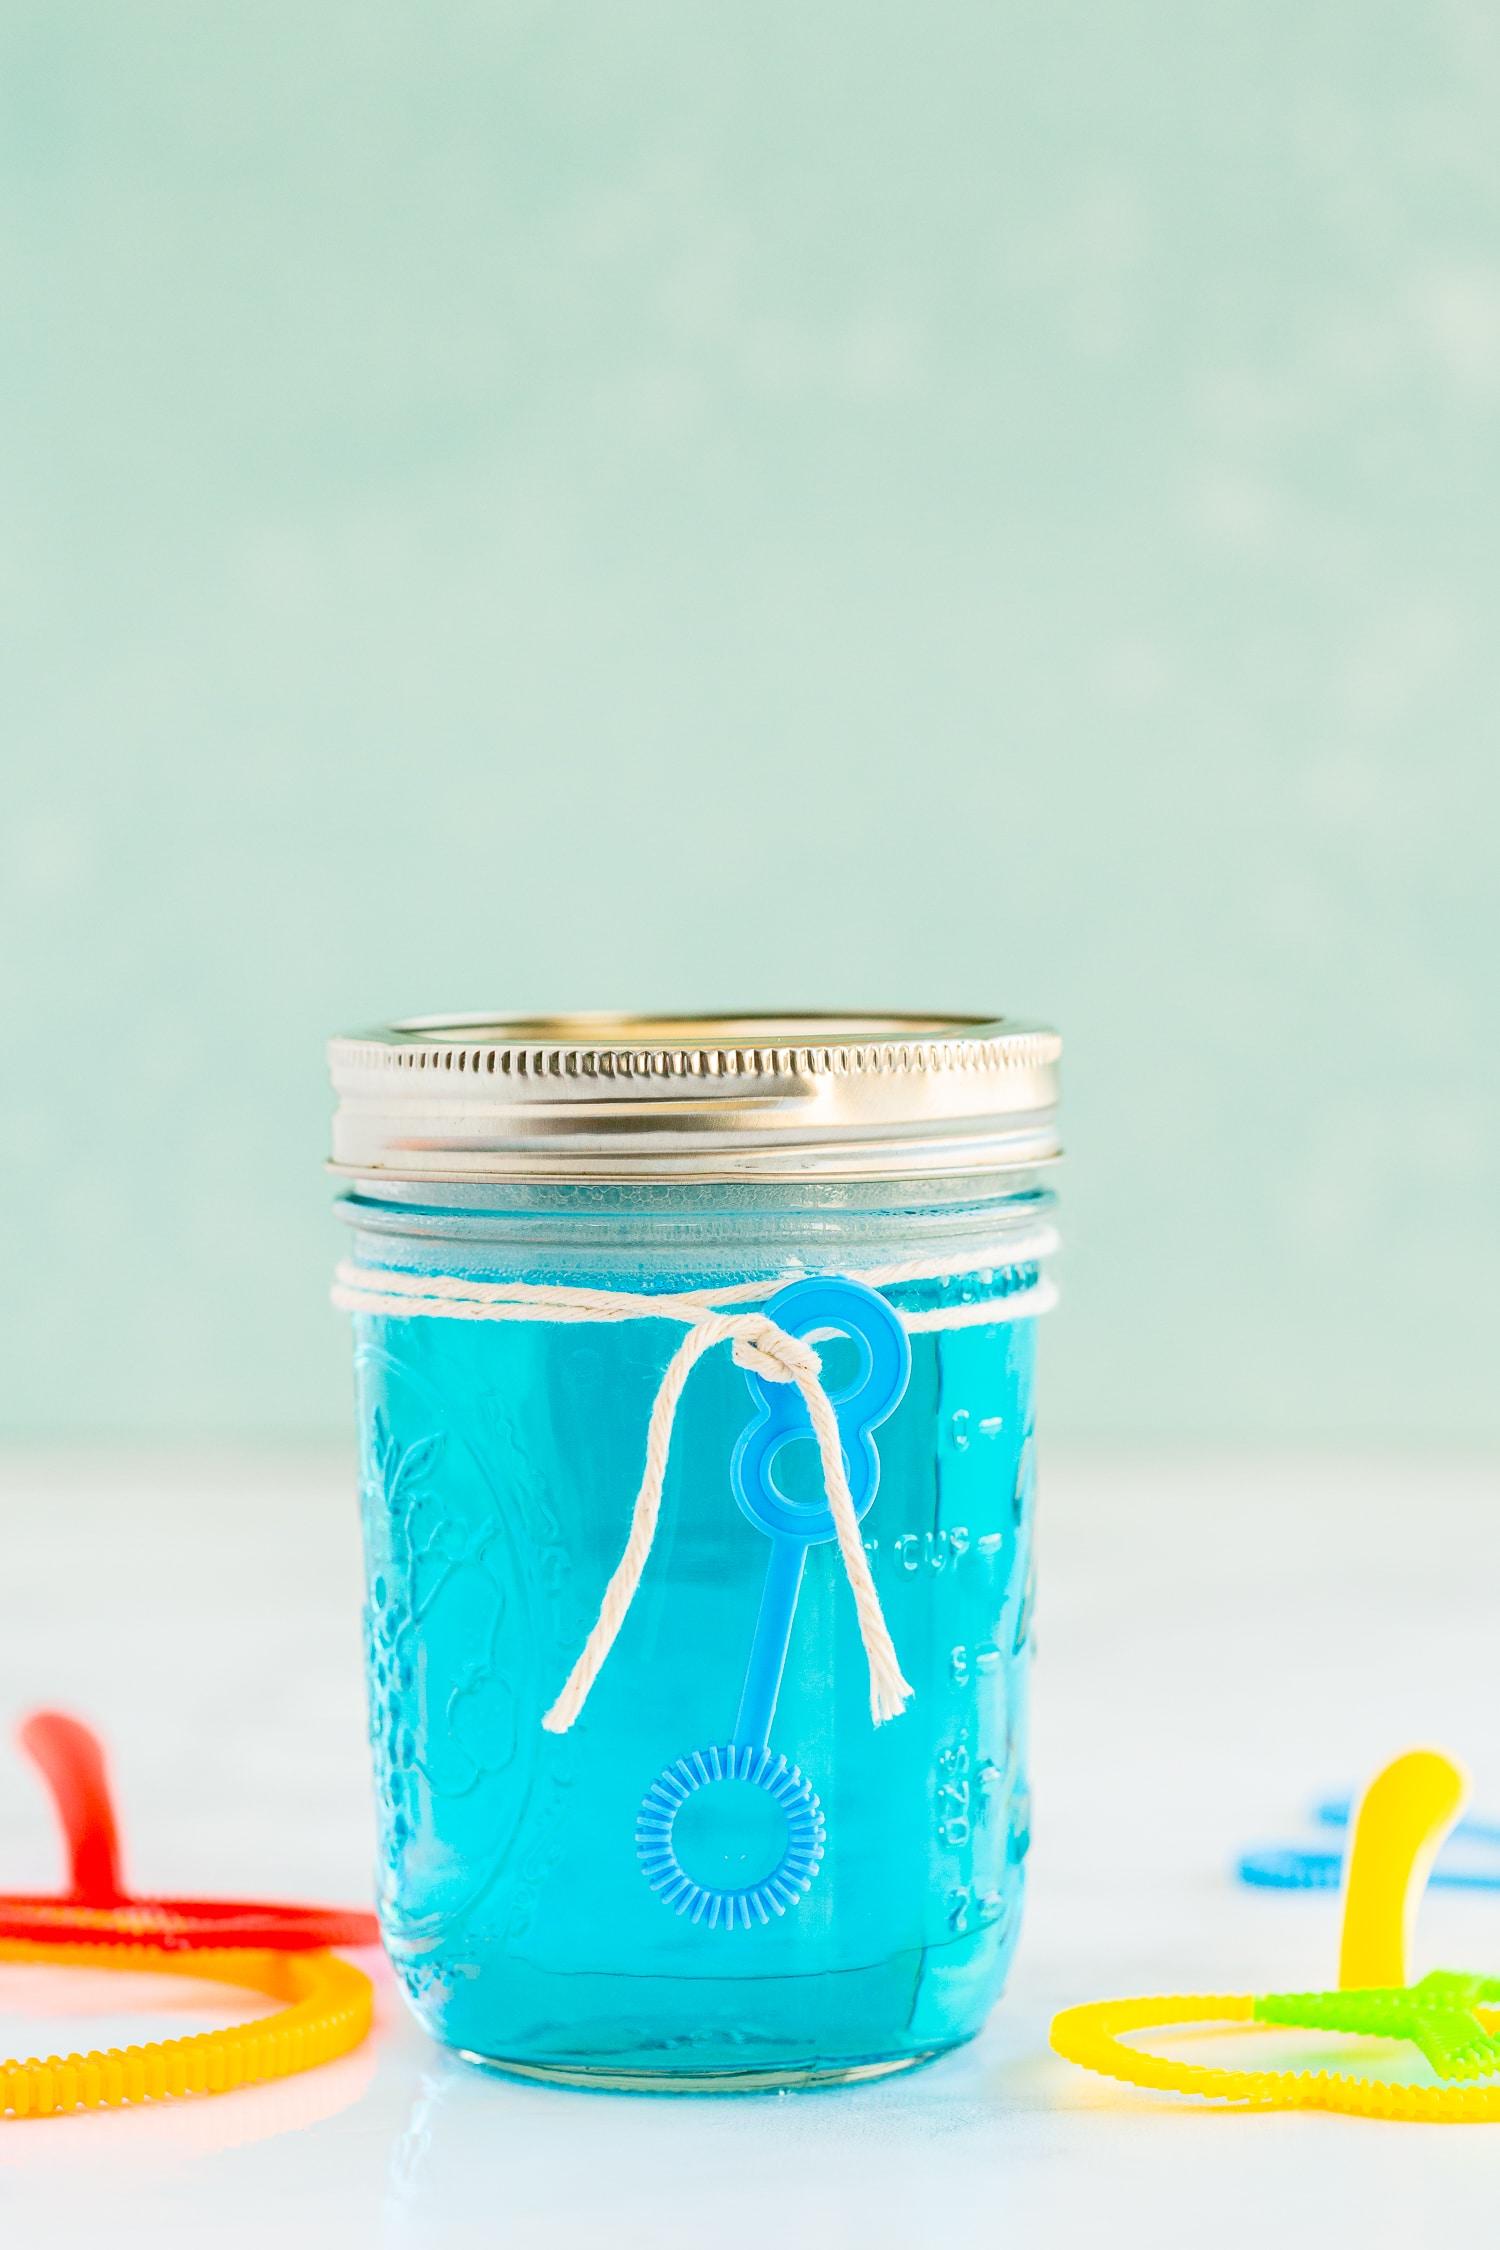 bubble wand solution in mason jar